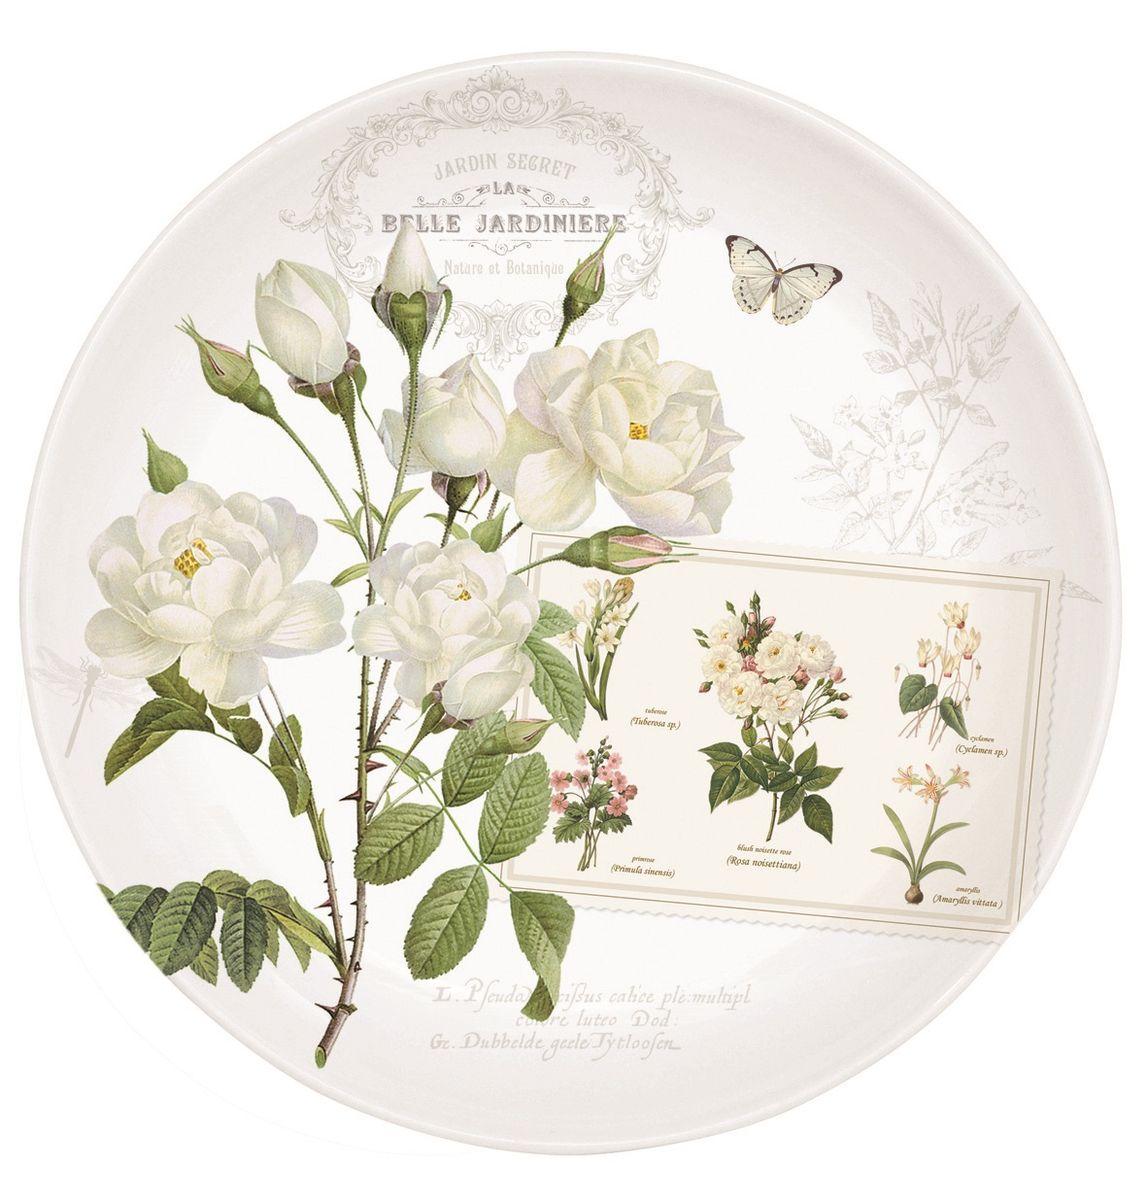 Тарелка десертная Nuova R2S Летние цветы, диаметр 19 см324NATUТарелка десертная Nuova R2S Летние цветы, выполненная из высококачественного фарфора, декорирована ярким изображением цветов. Изящный дизайн придется по вкусу и ценителям классики, и тем, кто предпочитает утонченность. Тарелка десертная Nuova R2S Летние цветы идеально подойдет для сервировки стола и станет отличным подарком к любому празднику. Диаметр тарелки (по верхнему краю): 19 см.